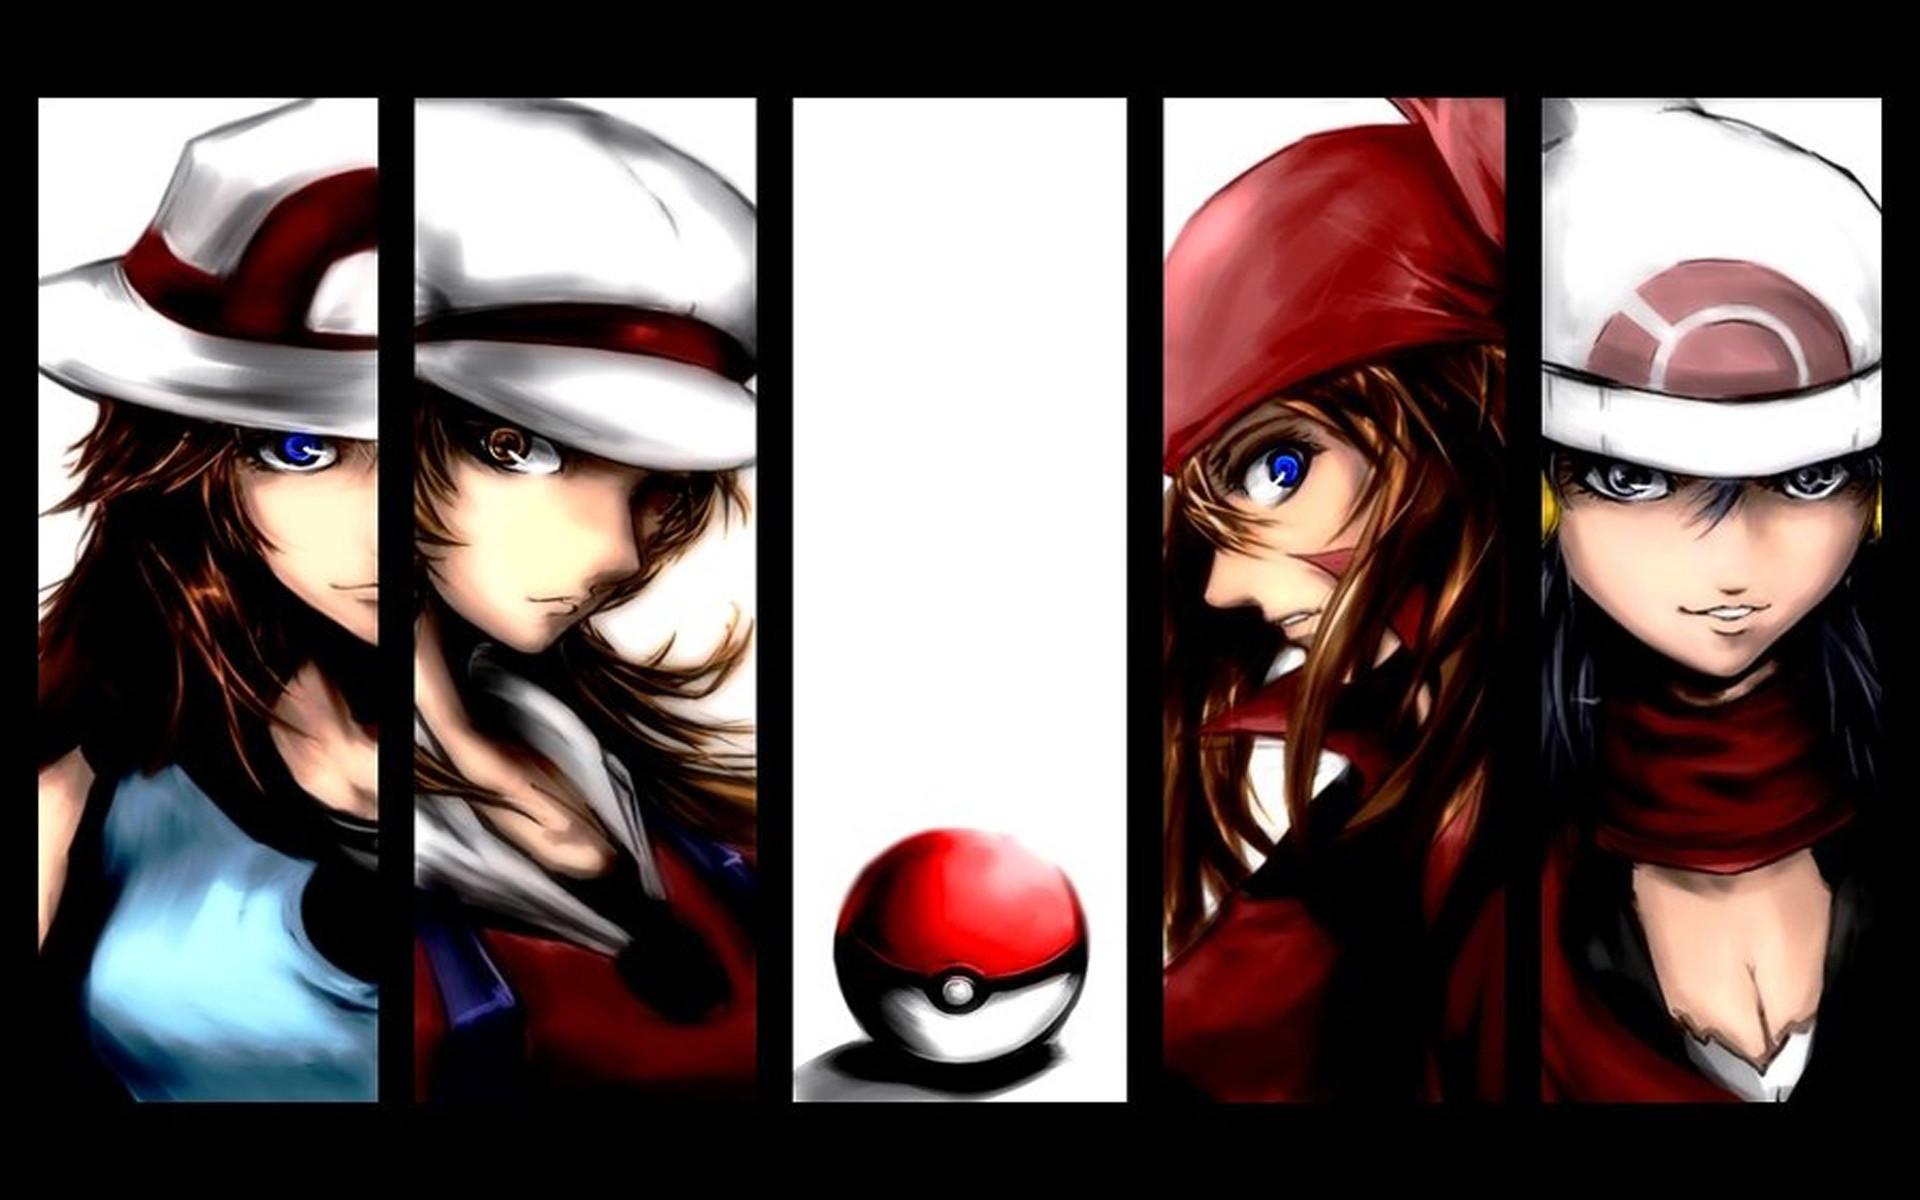 Pokemon Dawn Pokemon May (Pokemon) Pokeball wallpaper